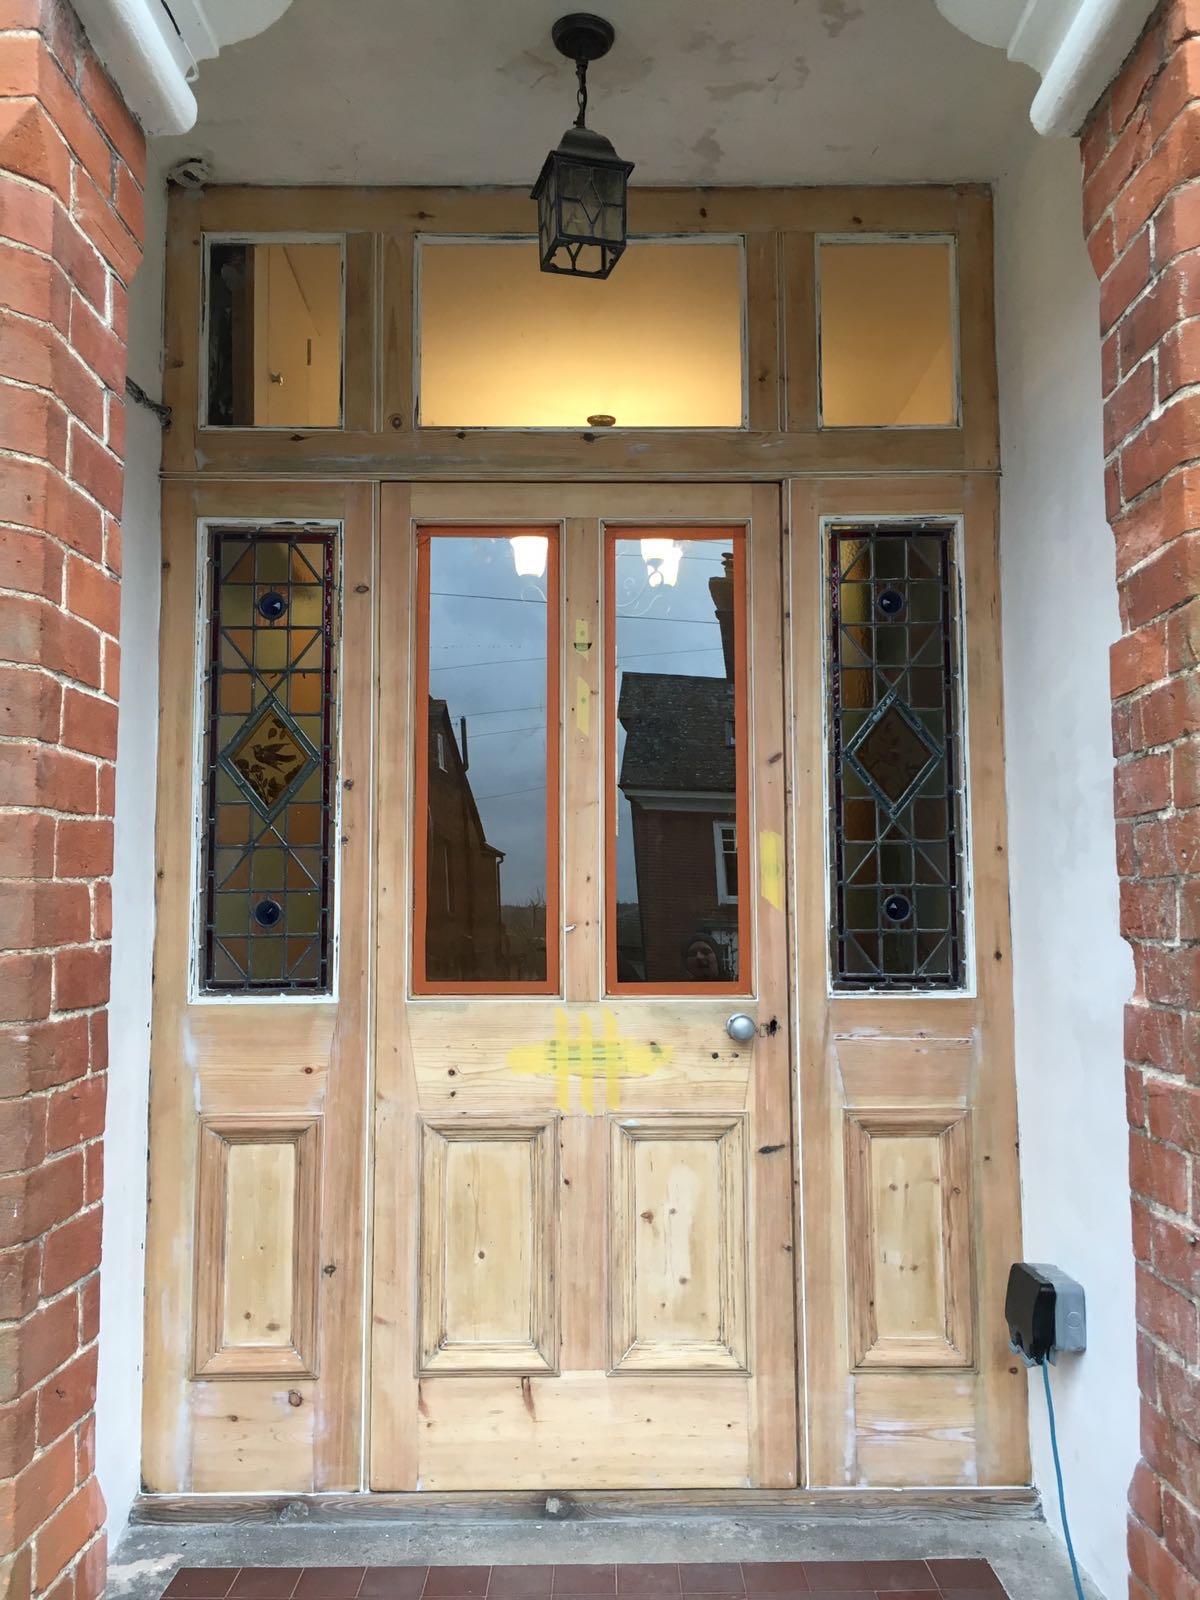 Saffron Walden timber door being renovated